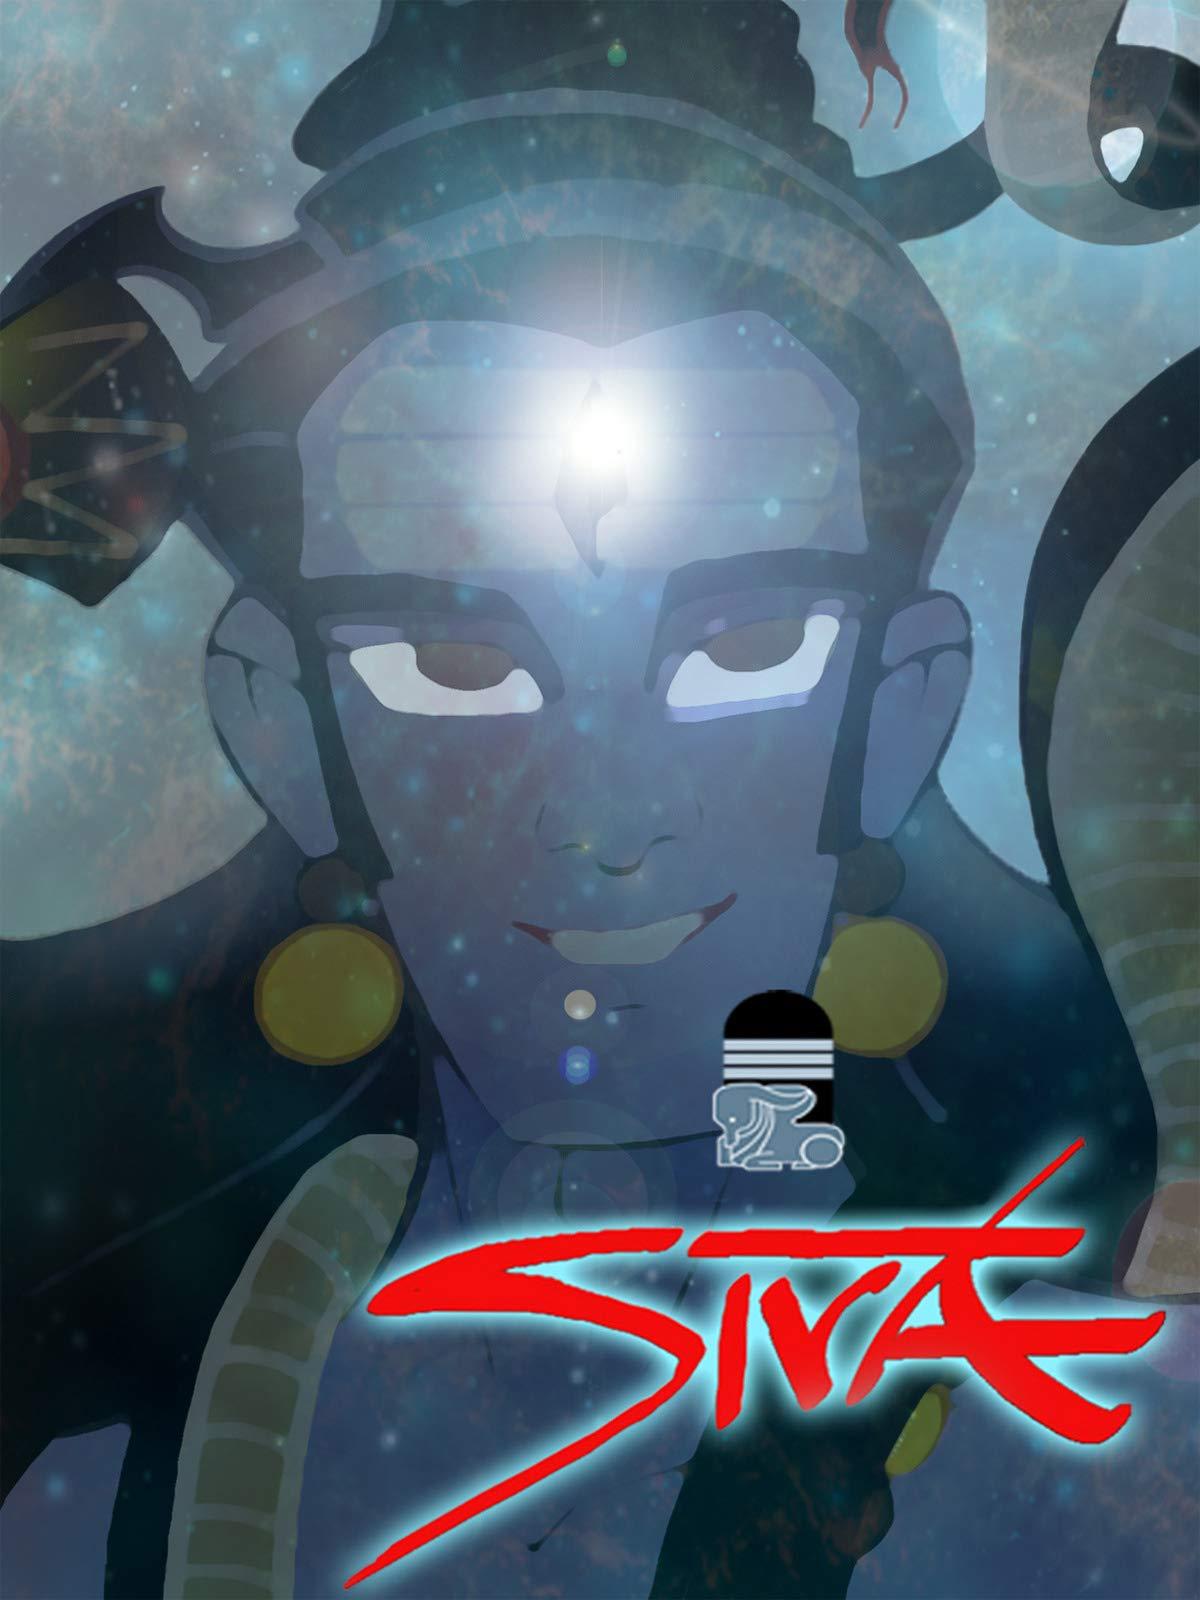 Siva-I